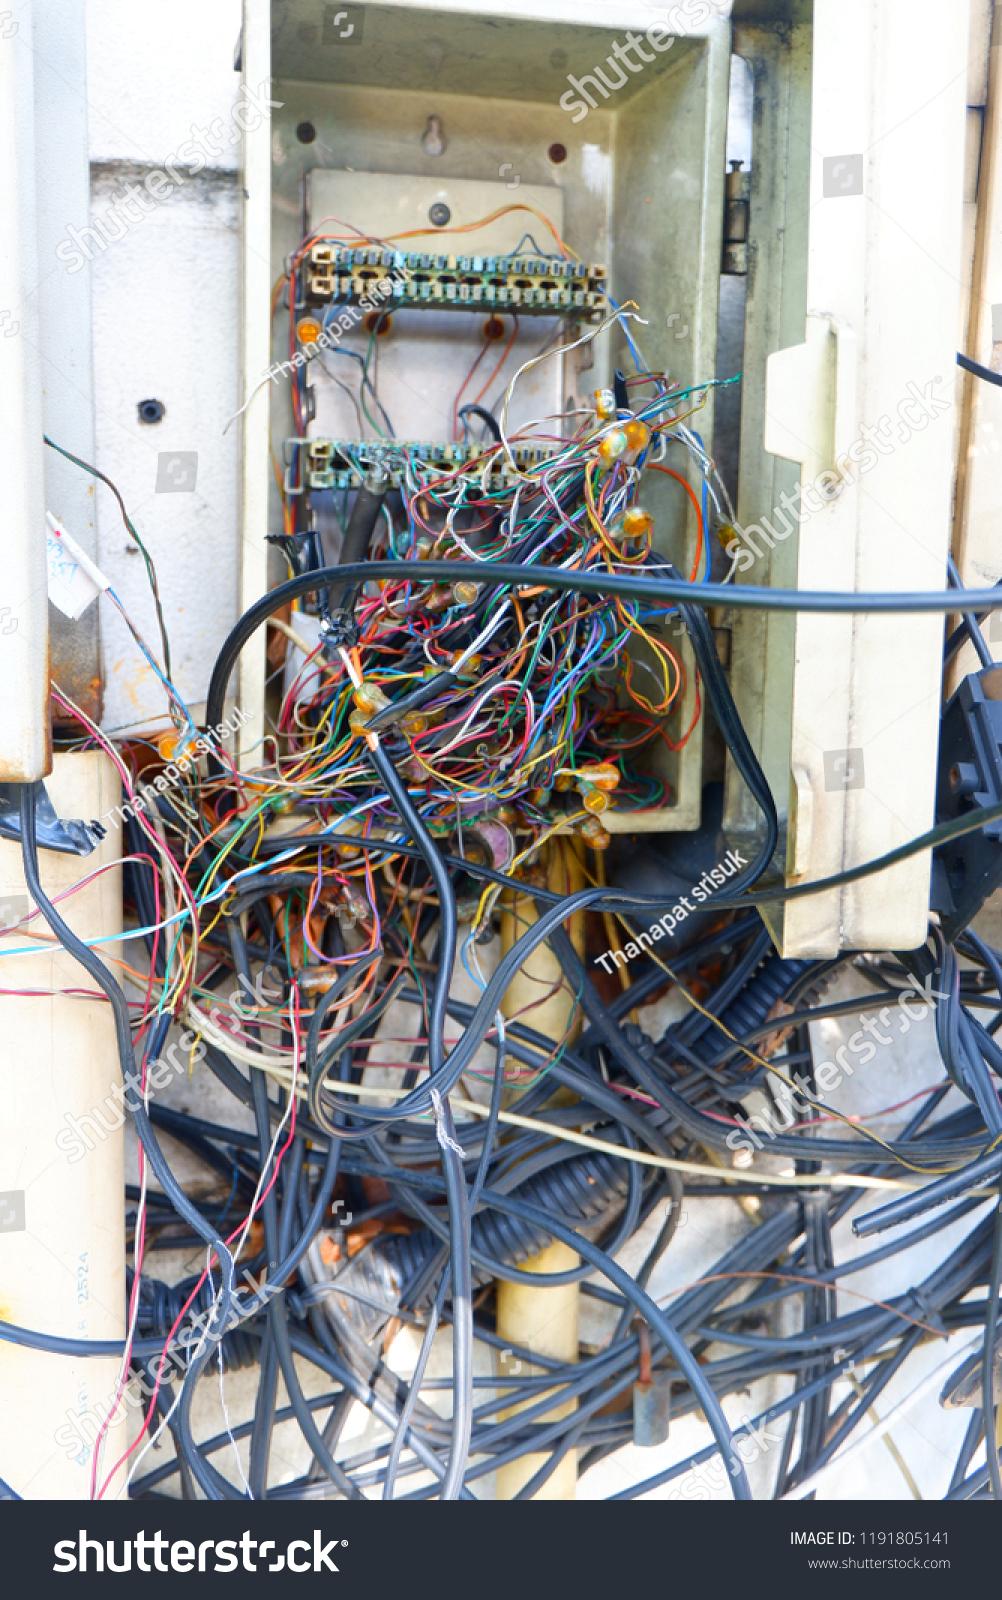 No Messy Wiring Experience Of Diagram Closet On Desk U2022 Rh Aglentedeaumento Com Br